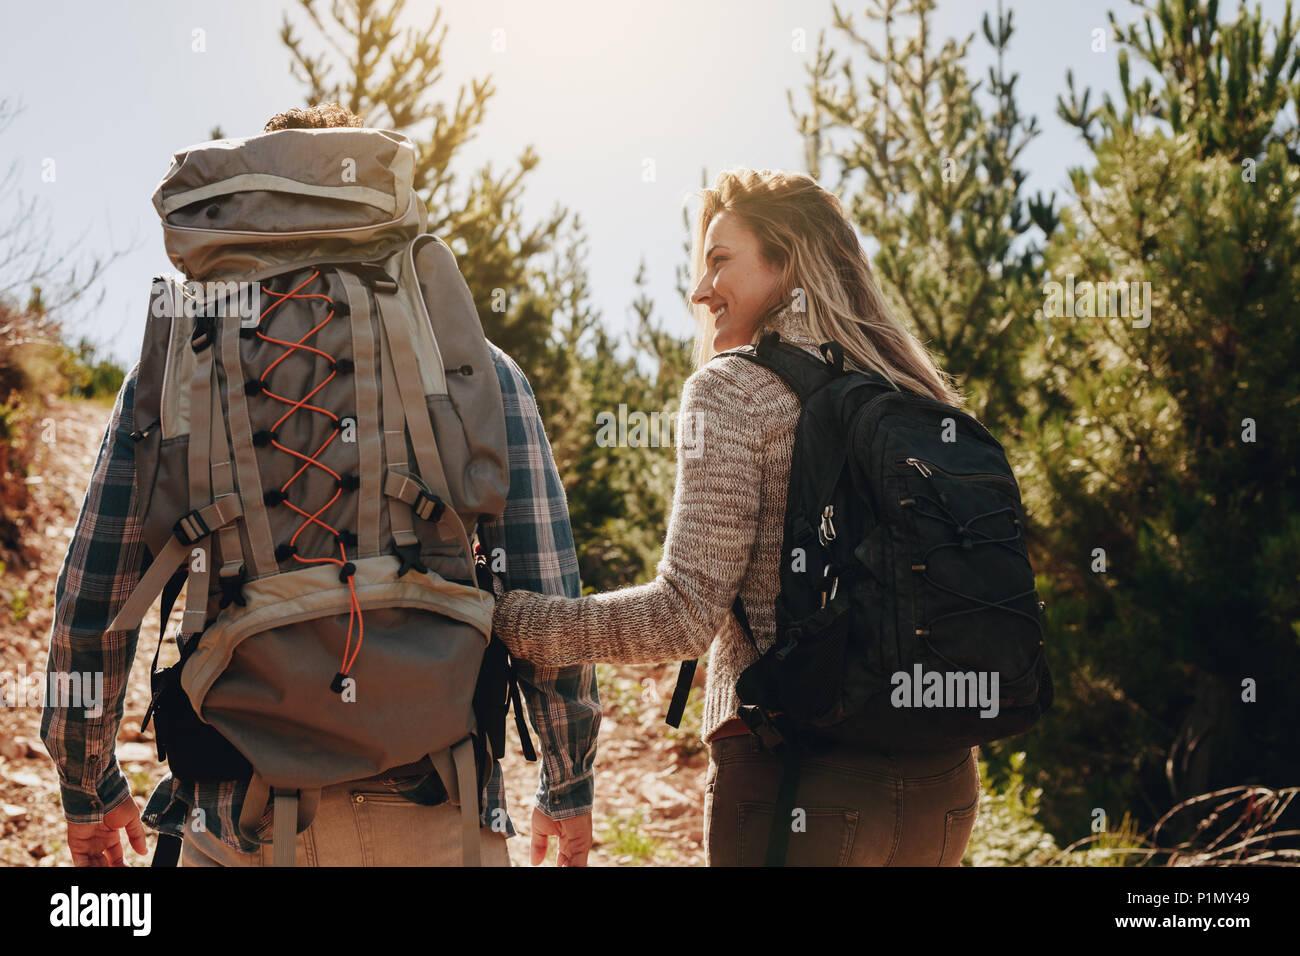 Ansicht der Rückseite des Paar junge Menschen wandern. Junger Mann und Frau mit ihren Rucksäcken Wandern auf den Berg. Stockbild